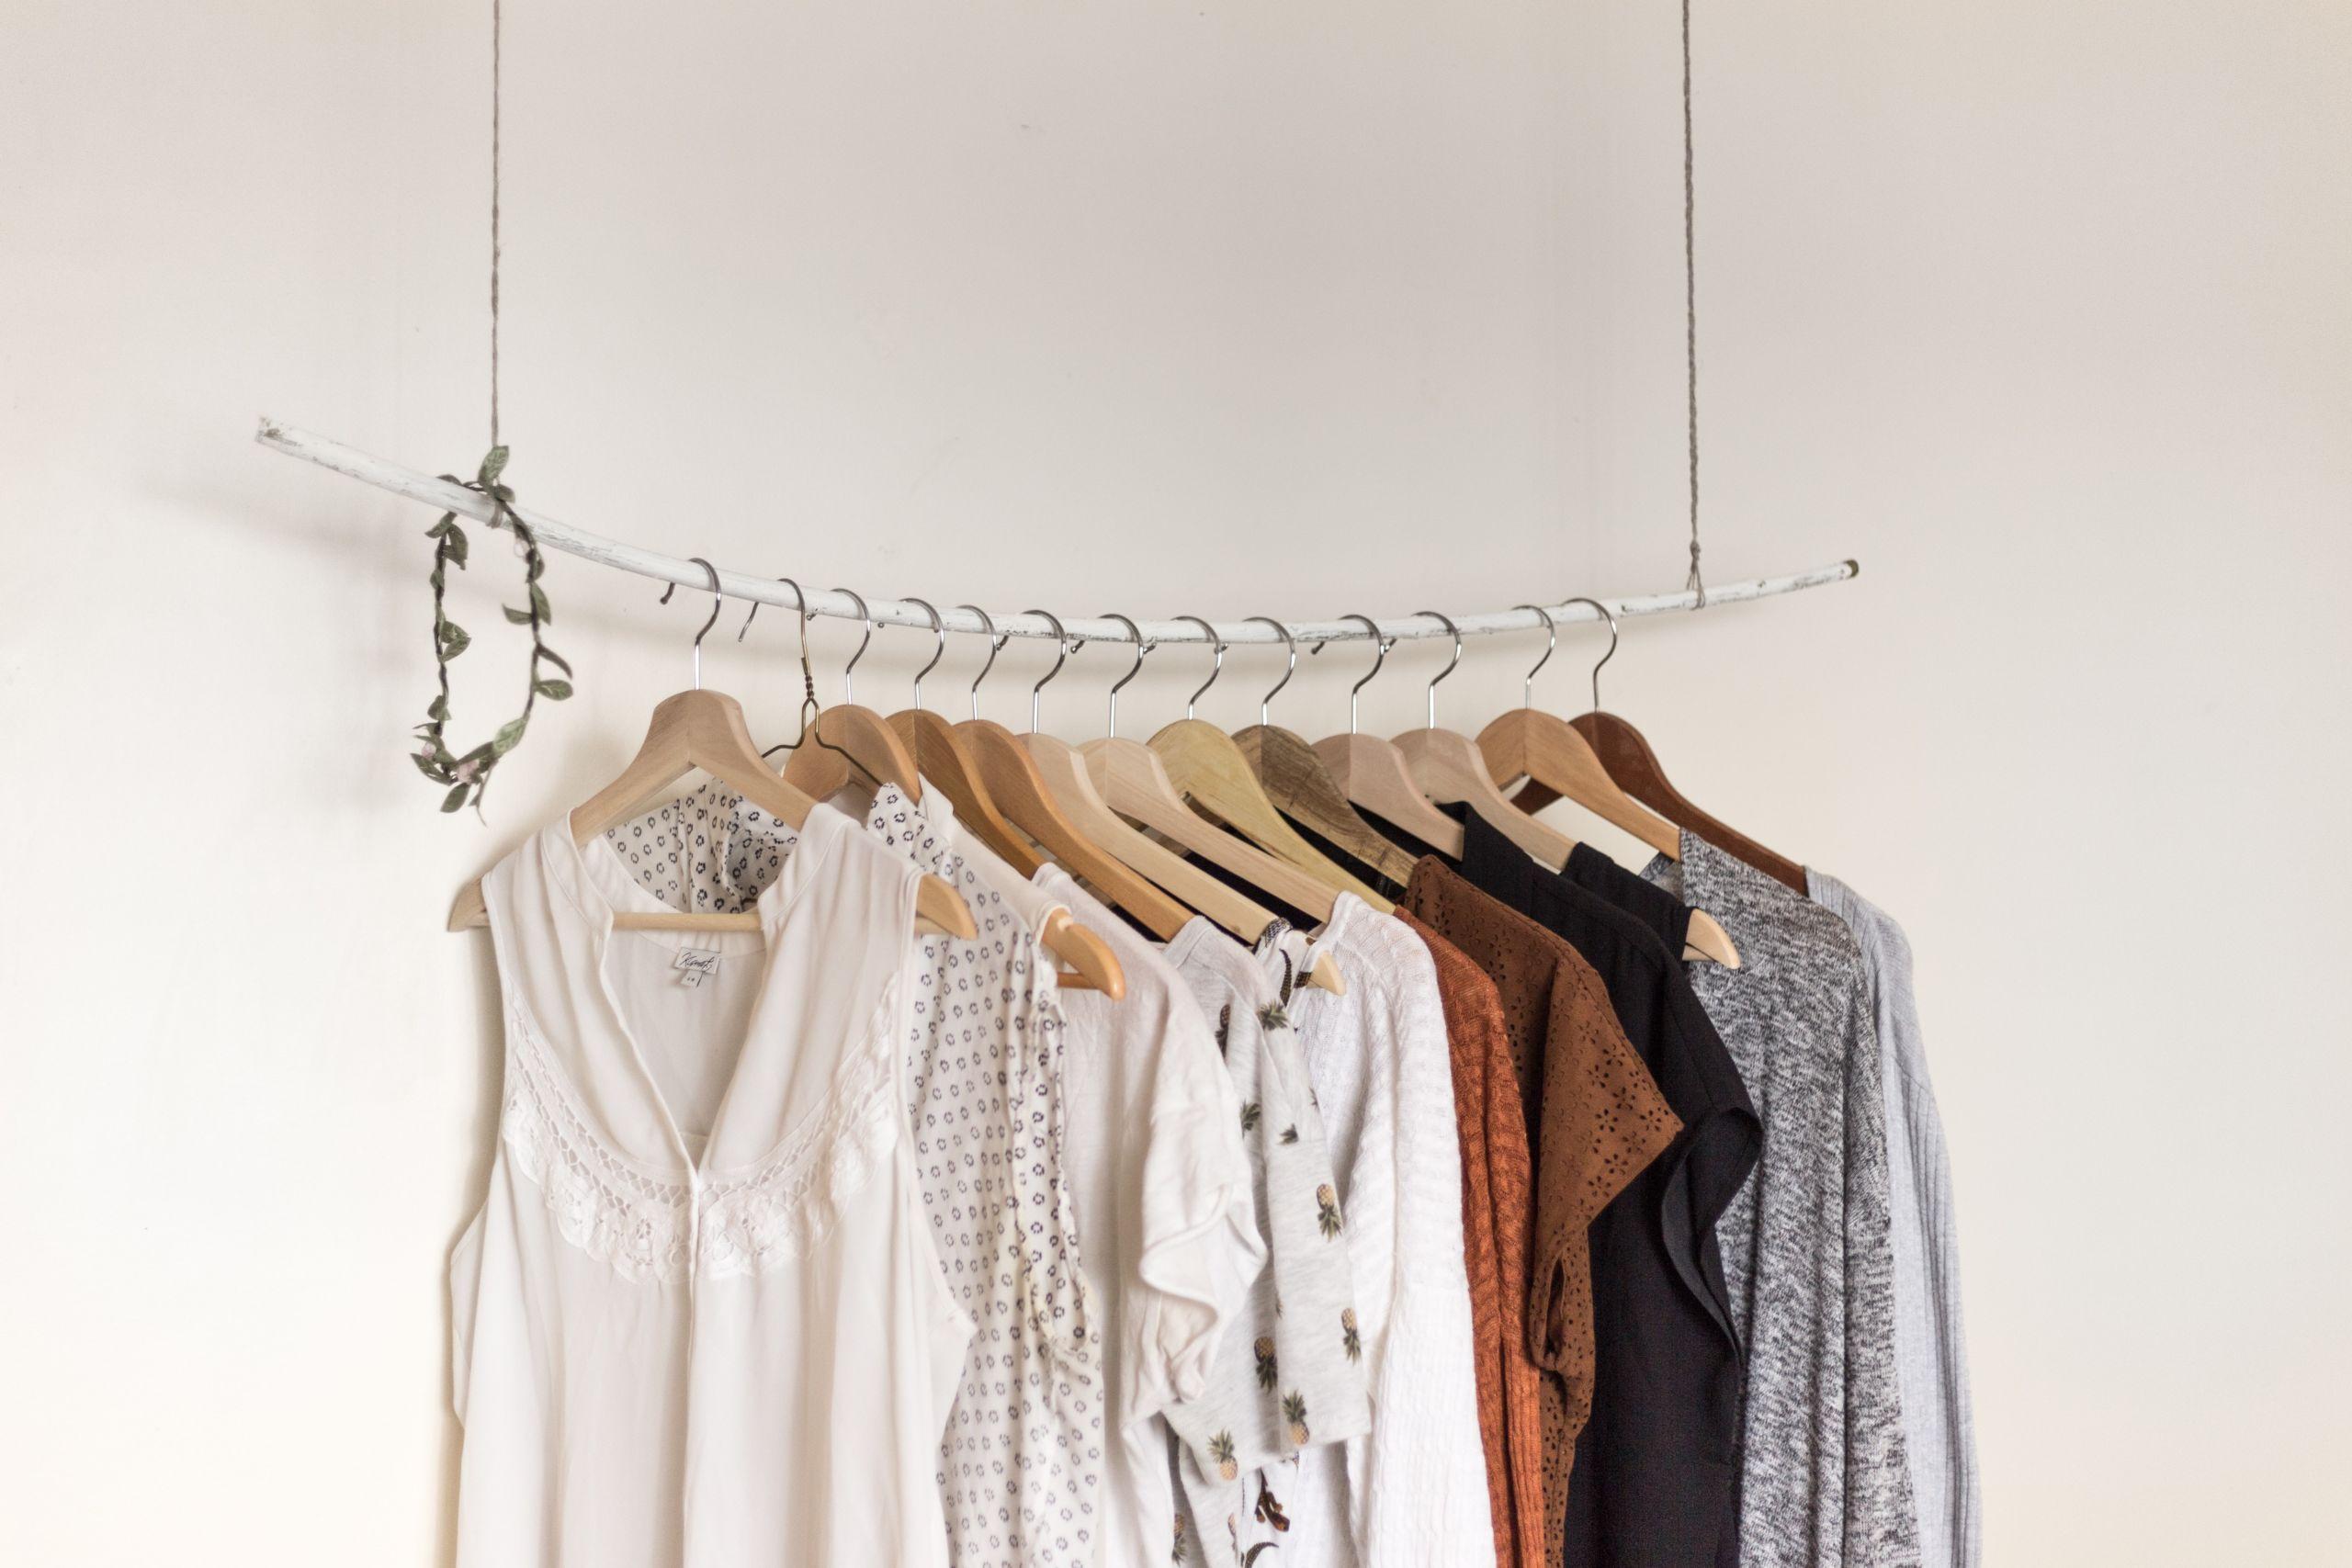 Comment Faire Un Dressing Sois Meme comment aménager un dressing soi-même ? - openmedia